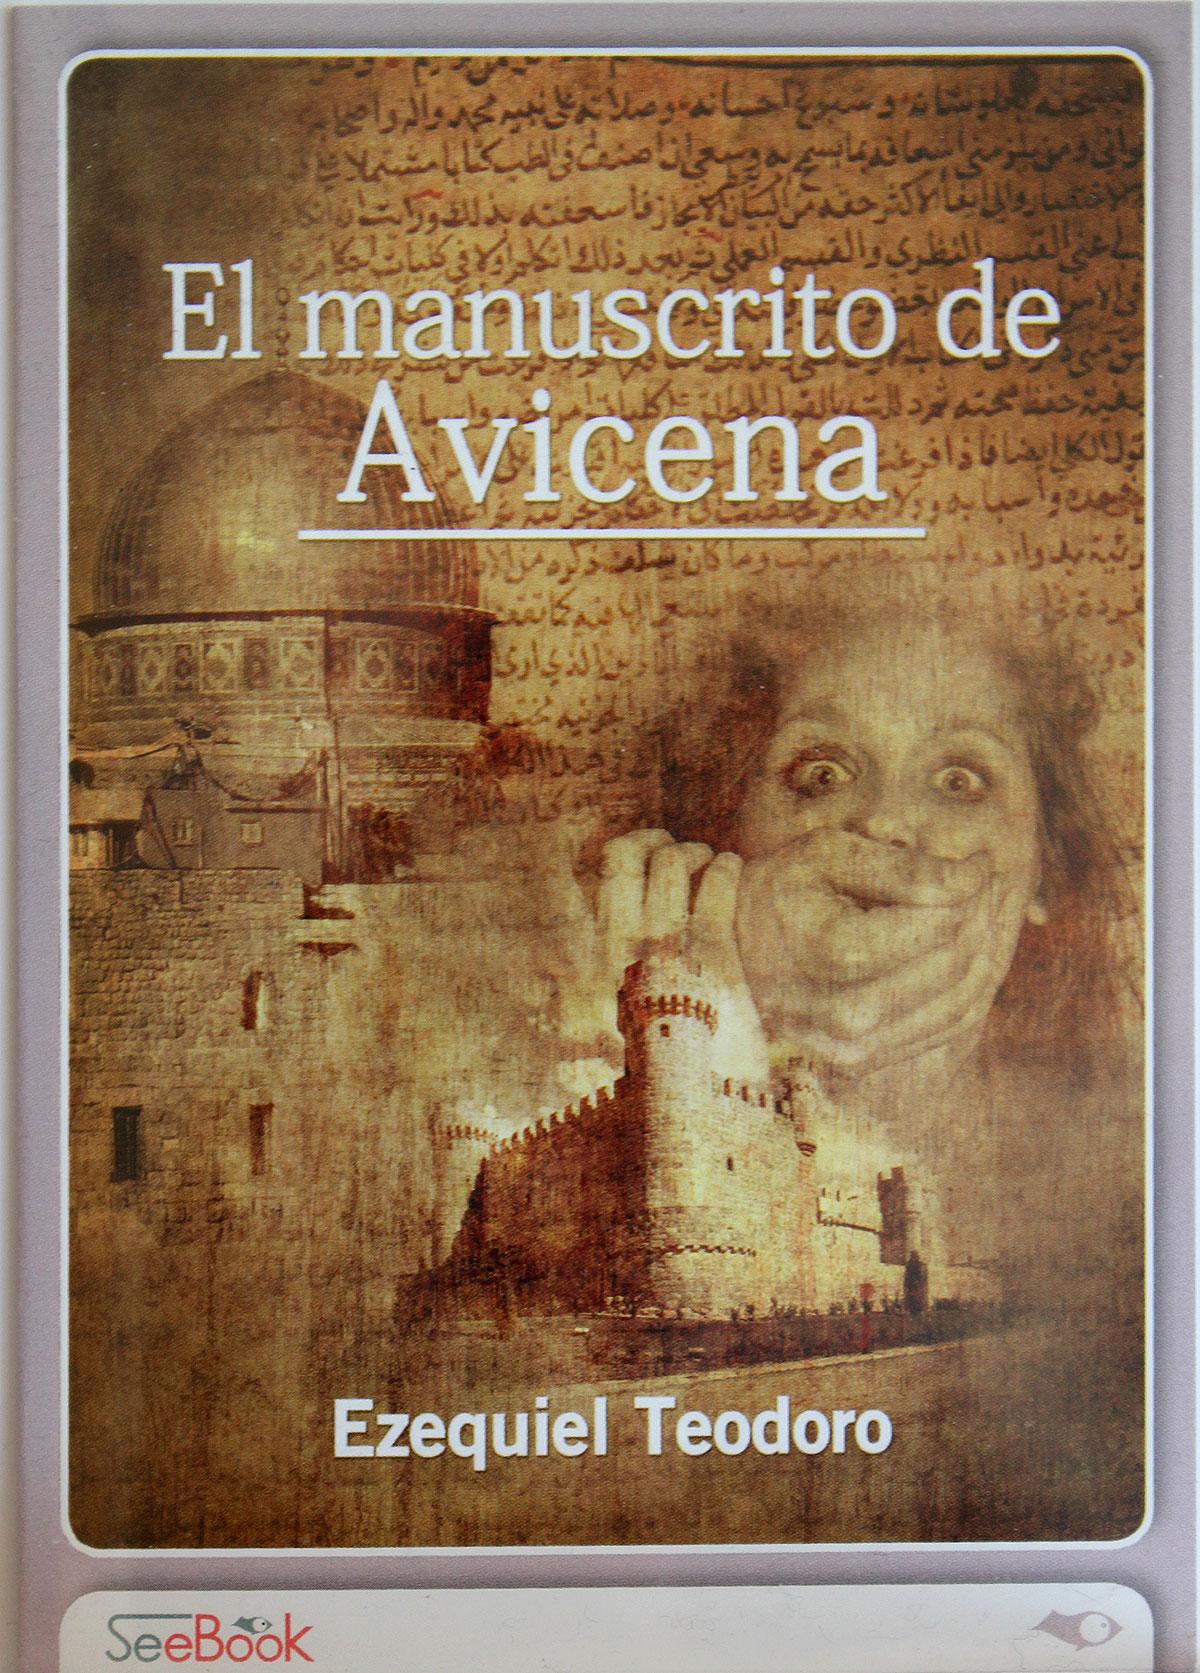 El_manuscrito_de_Avicena-Ezequiel_Teodoro_2